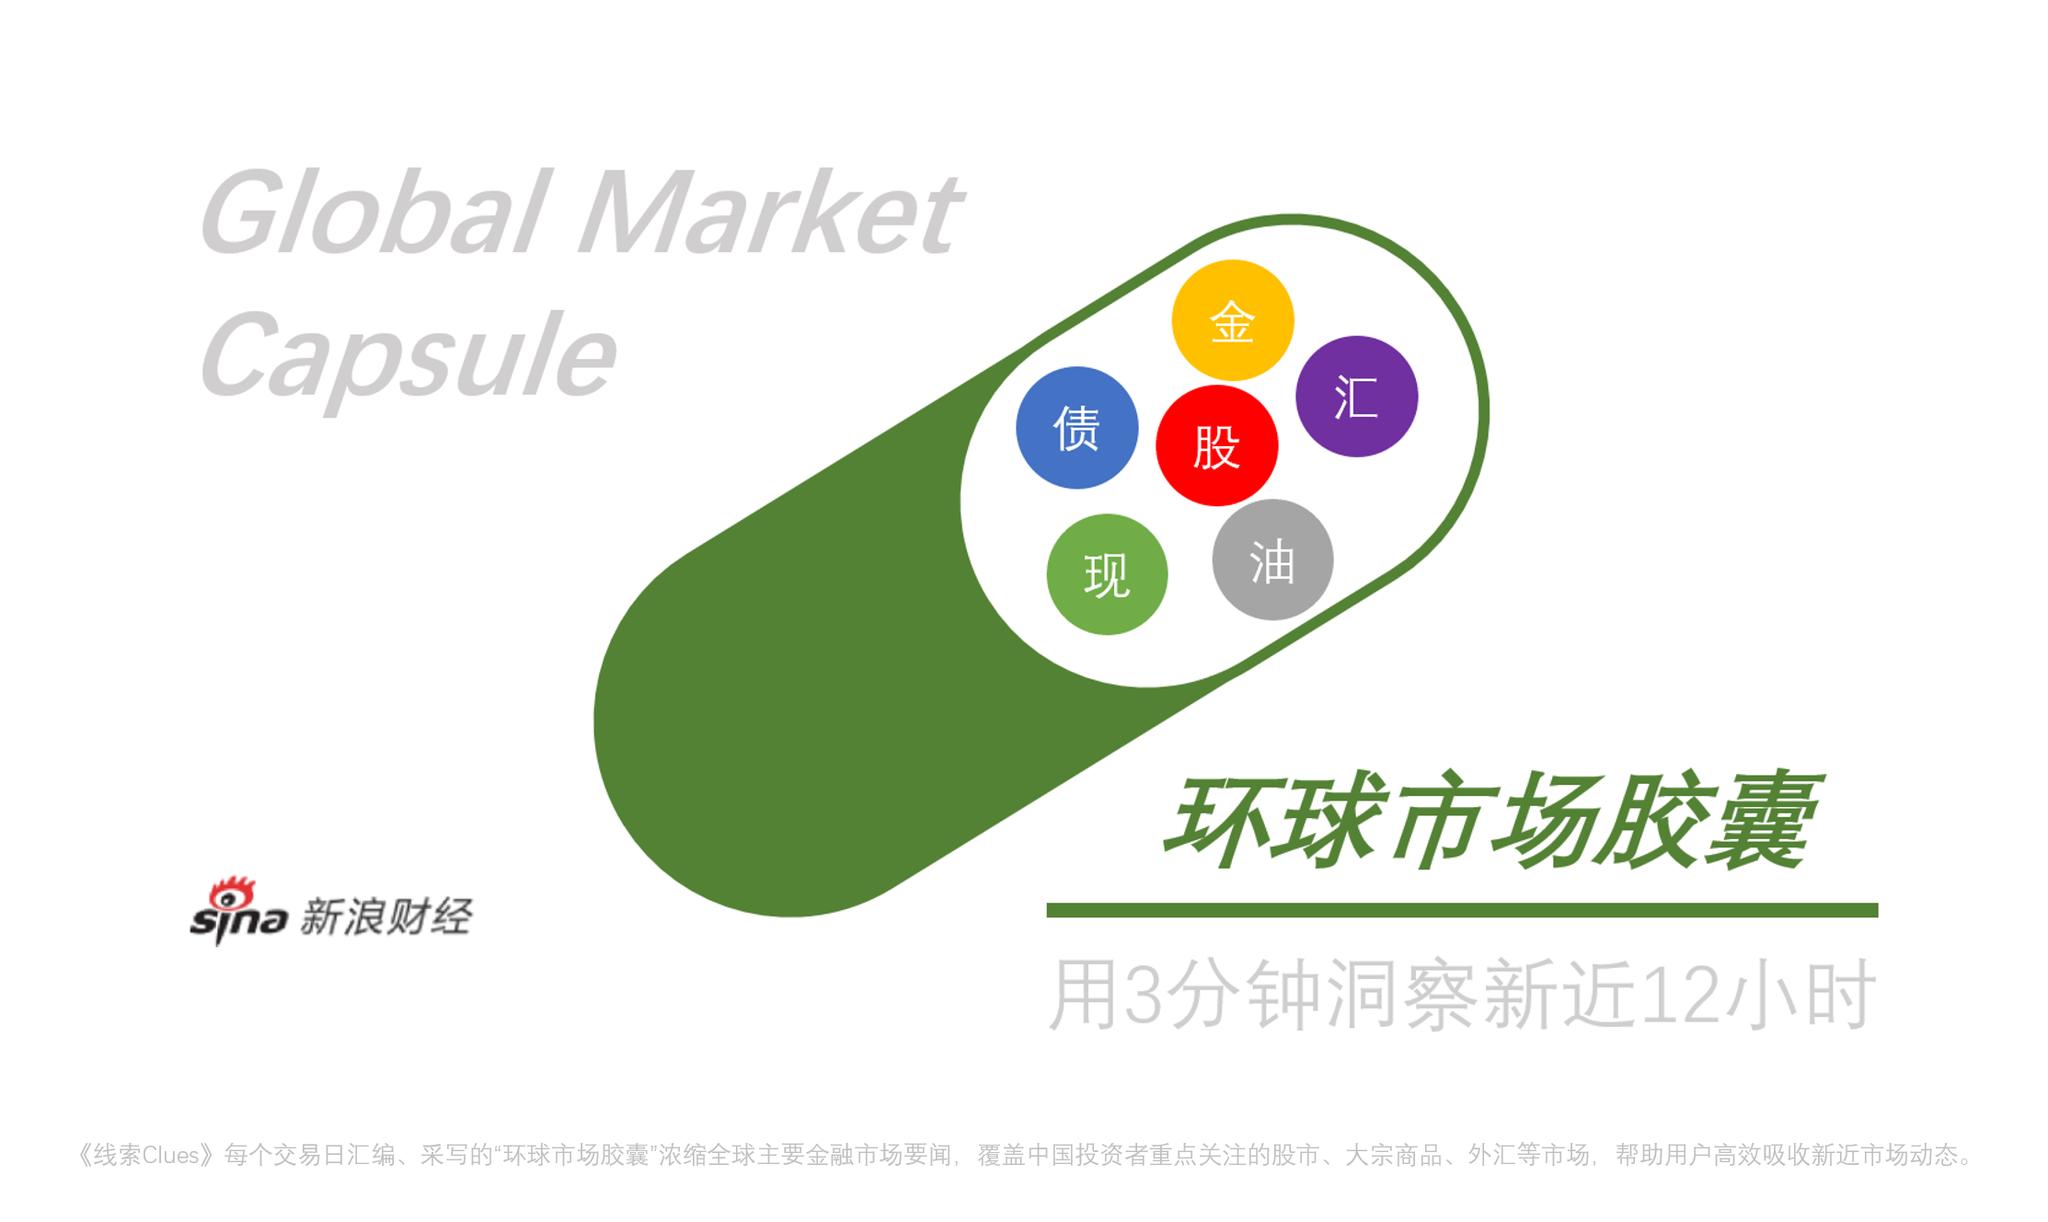 滬指震蕩走高 外資連續8個月增持中國債券